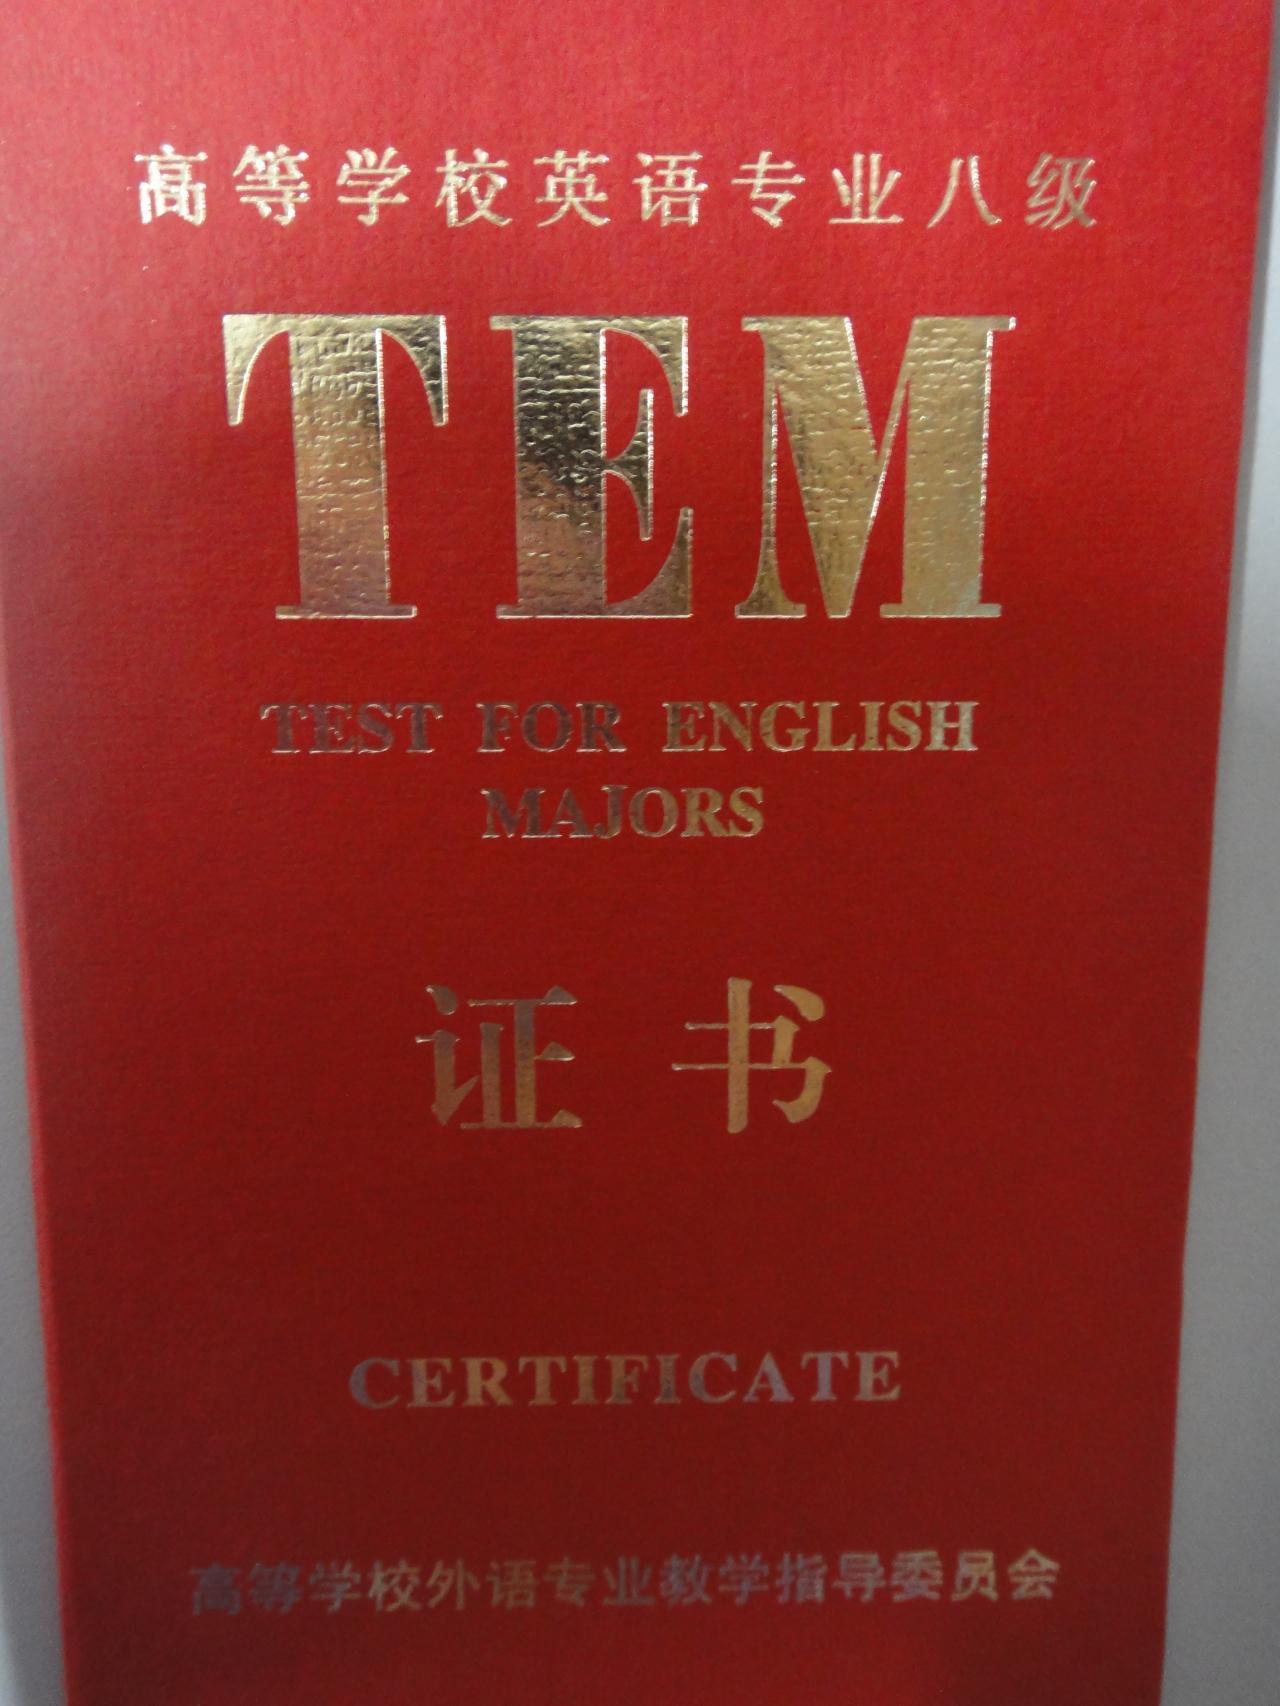 精品英語培訓